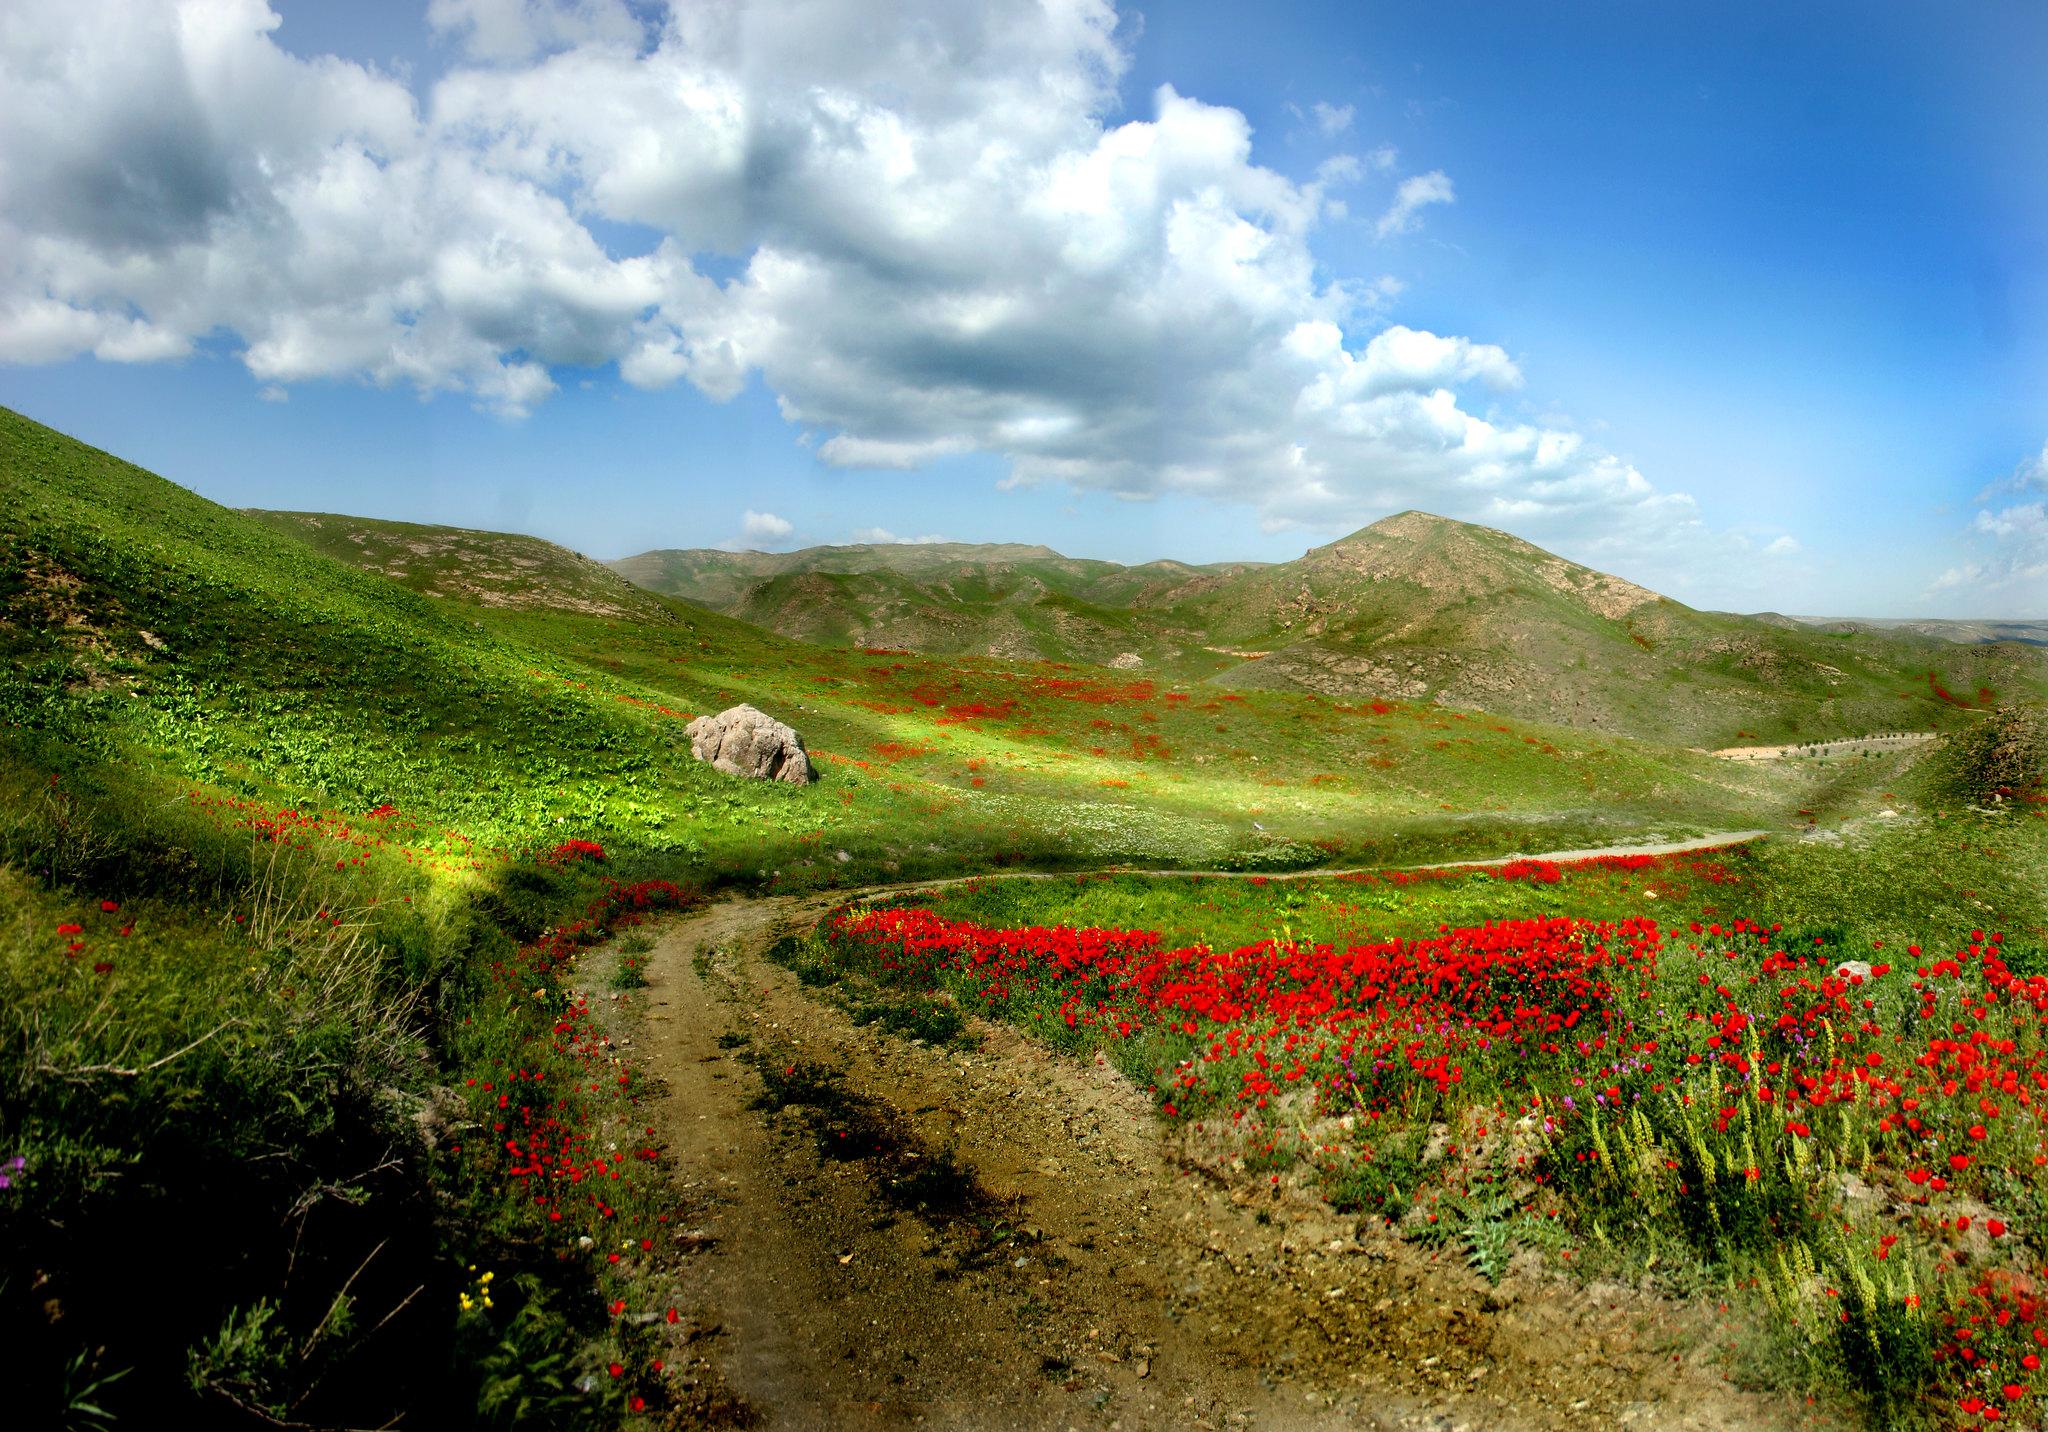 روستاهای اطراف مشهد ؛ معرفی ۵ روستای تماشایی در حوالی مشهد